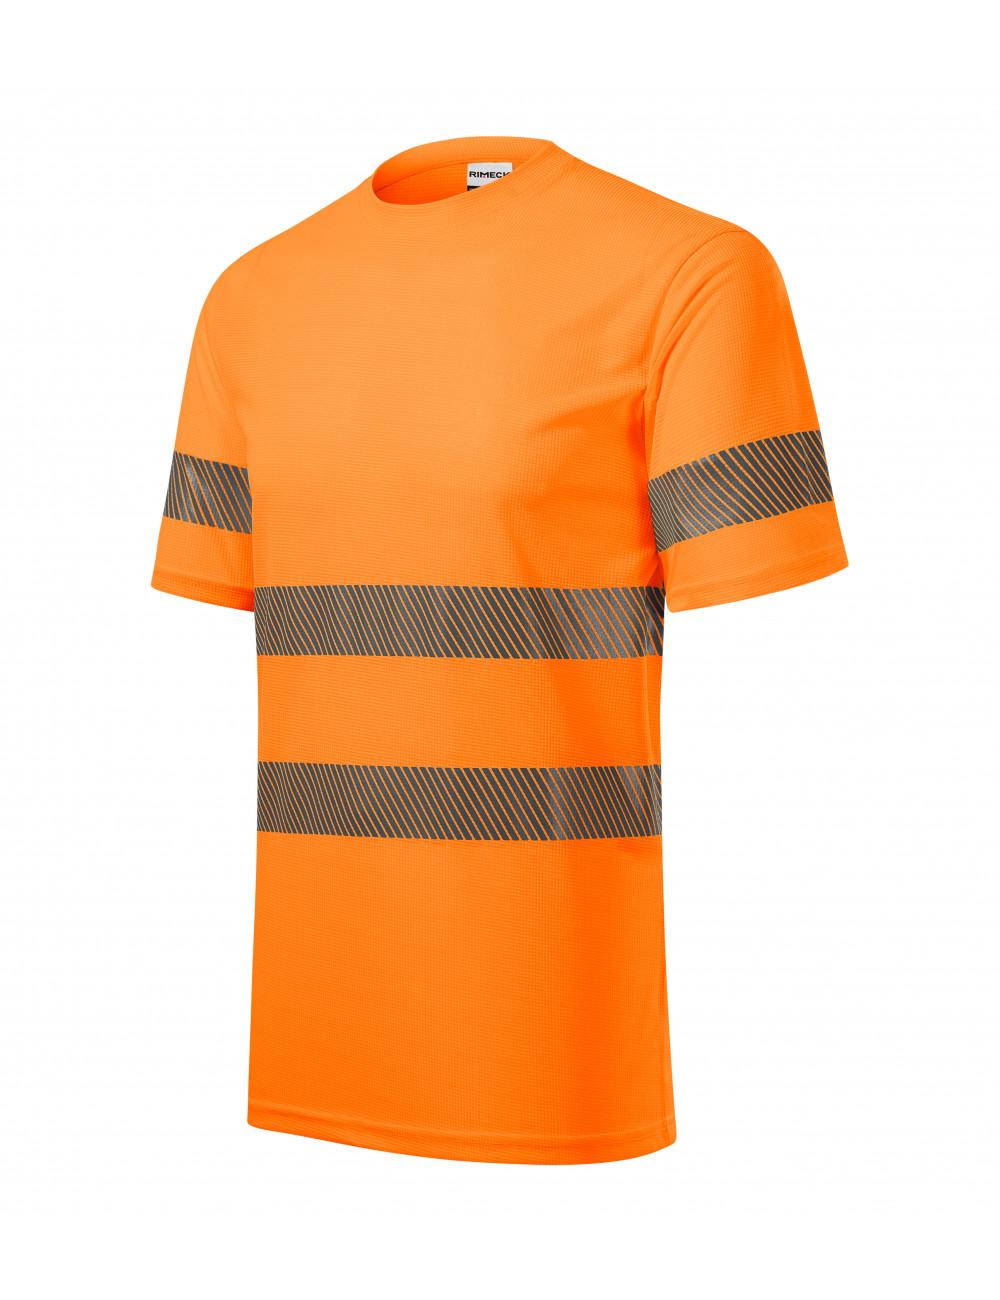 Adler RIMECK Koszulka unisex HV Dry 1V8 fluorescencyjny pomarańczowy